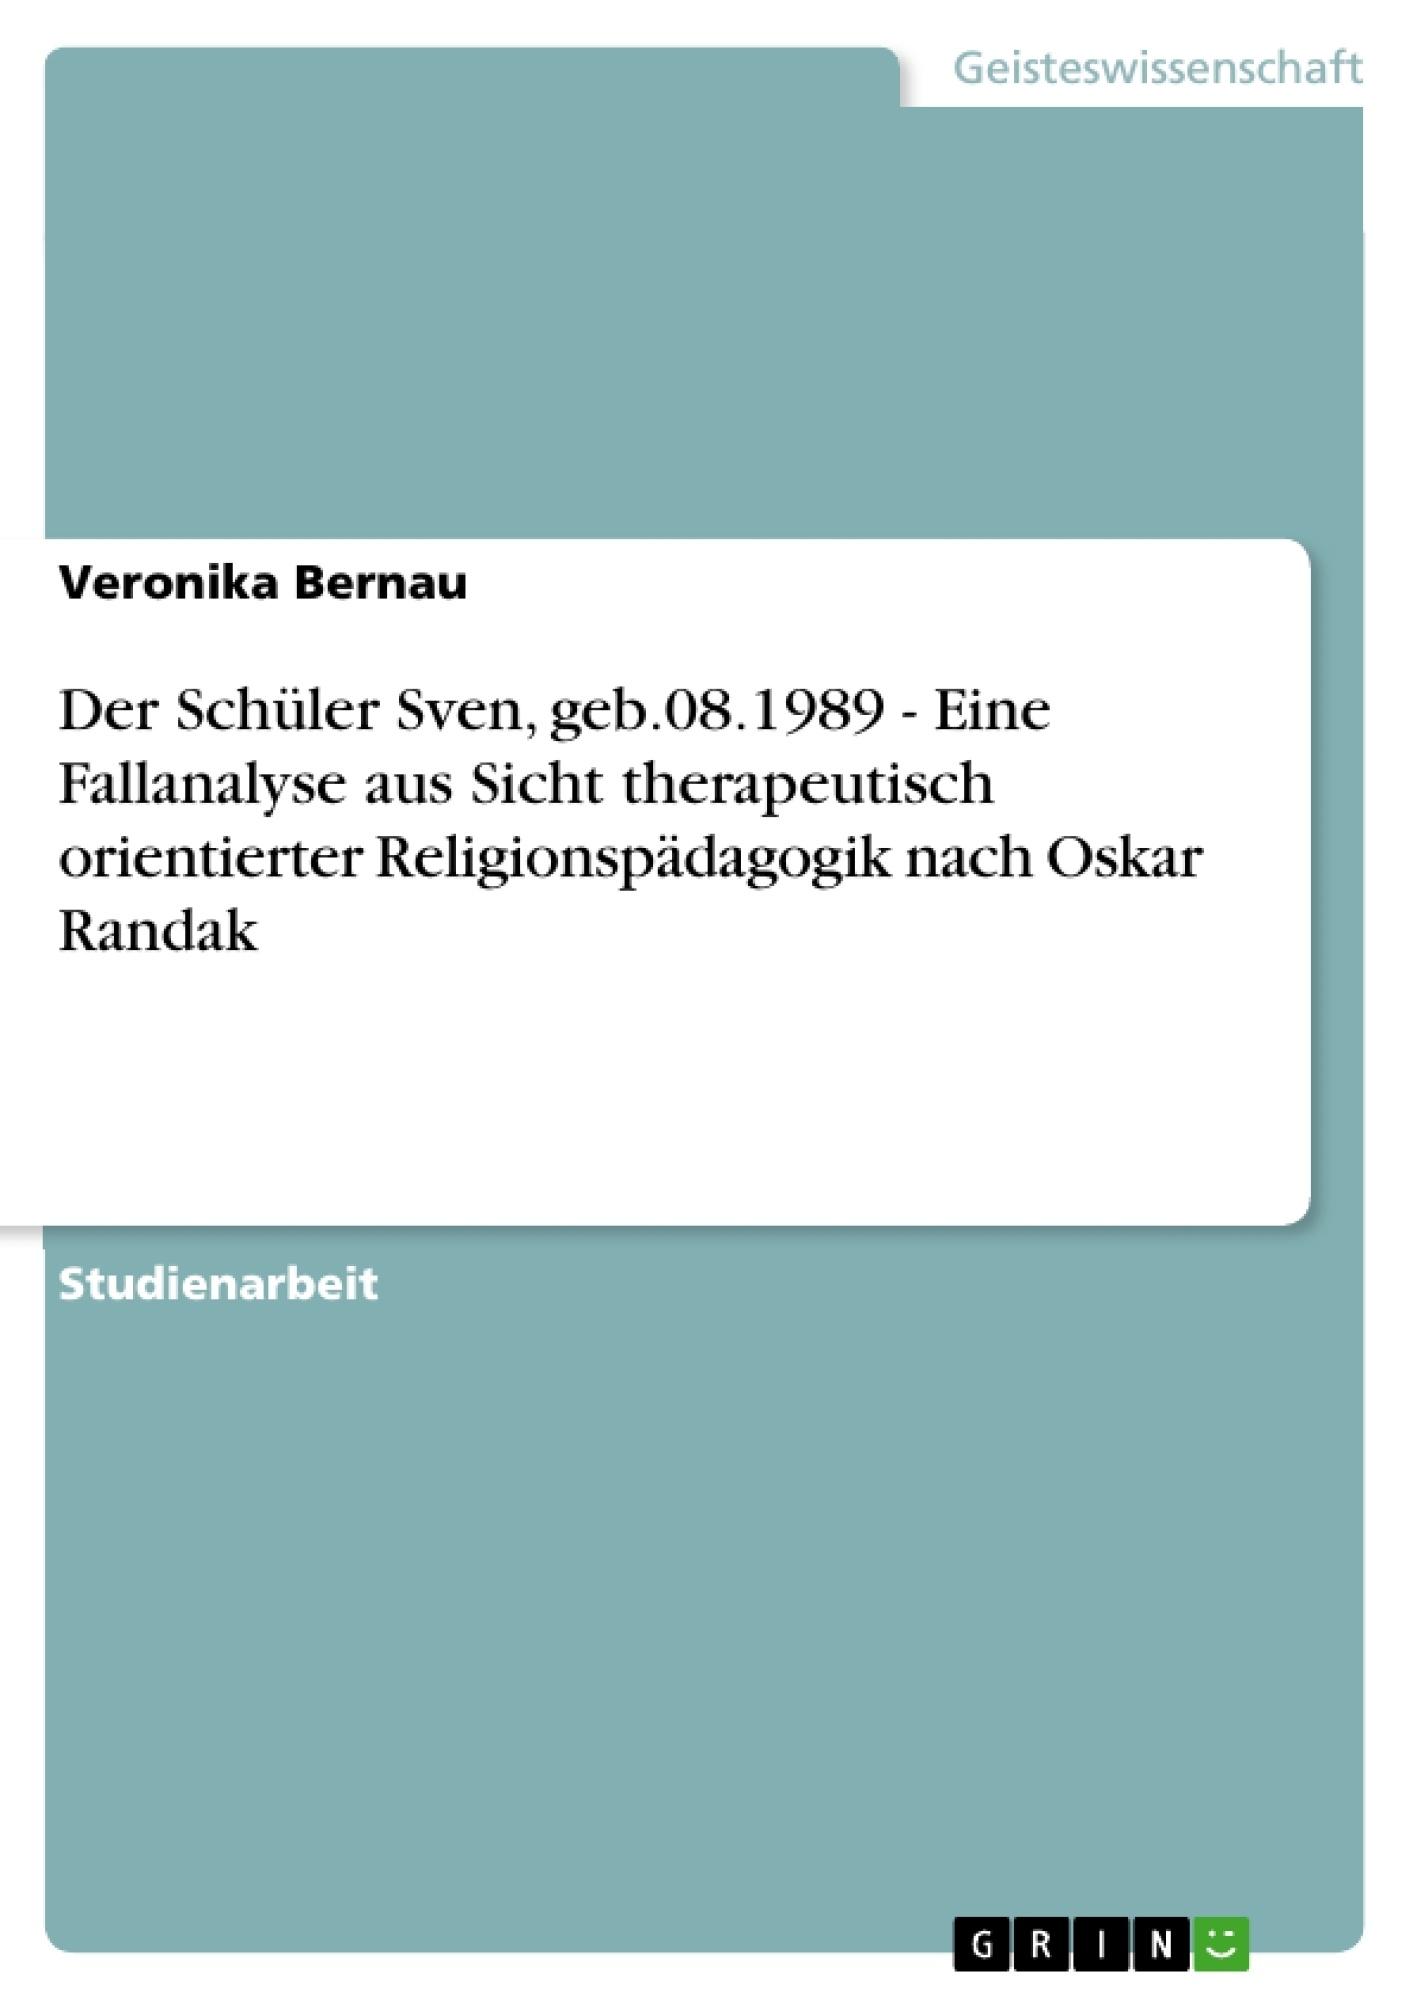 Titel: Der Schüler Sven, geb.08.1989 - Eine Fallanalyse aus Sicht therapeutisch orientierter Religionspädagogik nach Oskar Randak